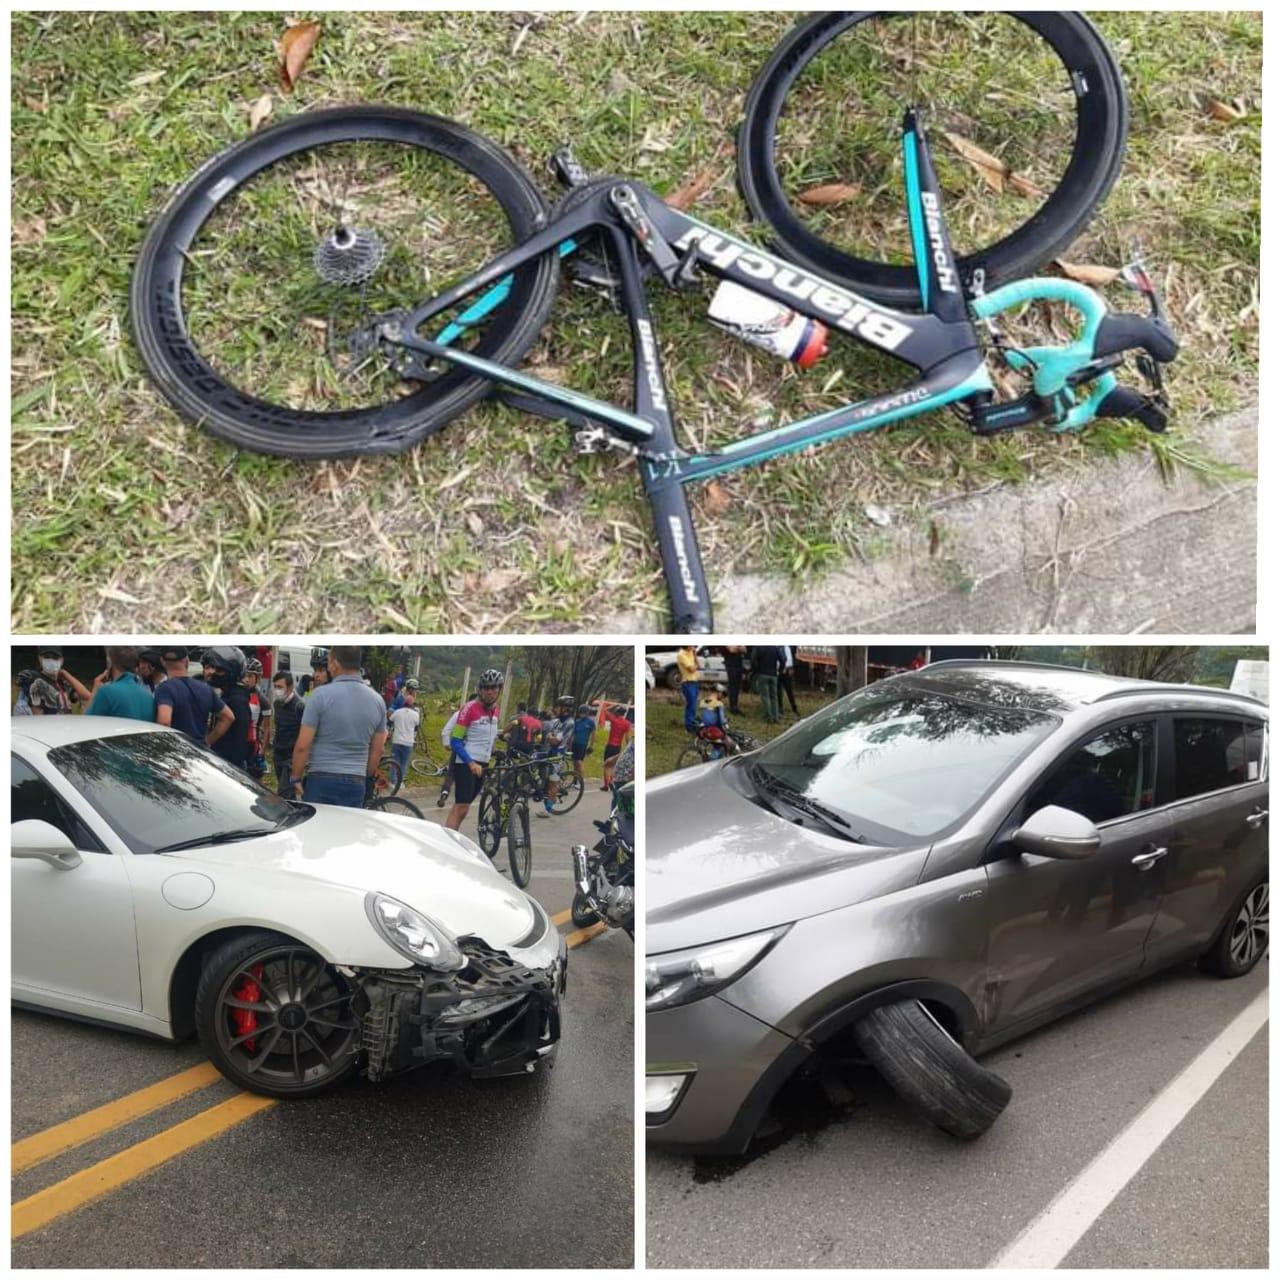 Ciclista resultó herido tras múltiple choque de vehículos en Barbosa, Santander | EL FRENTE